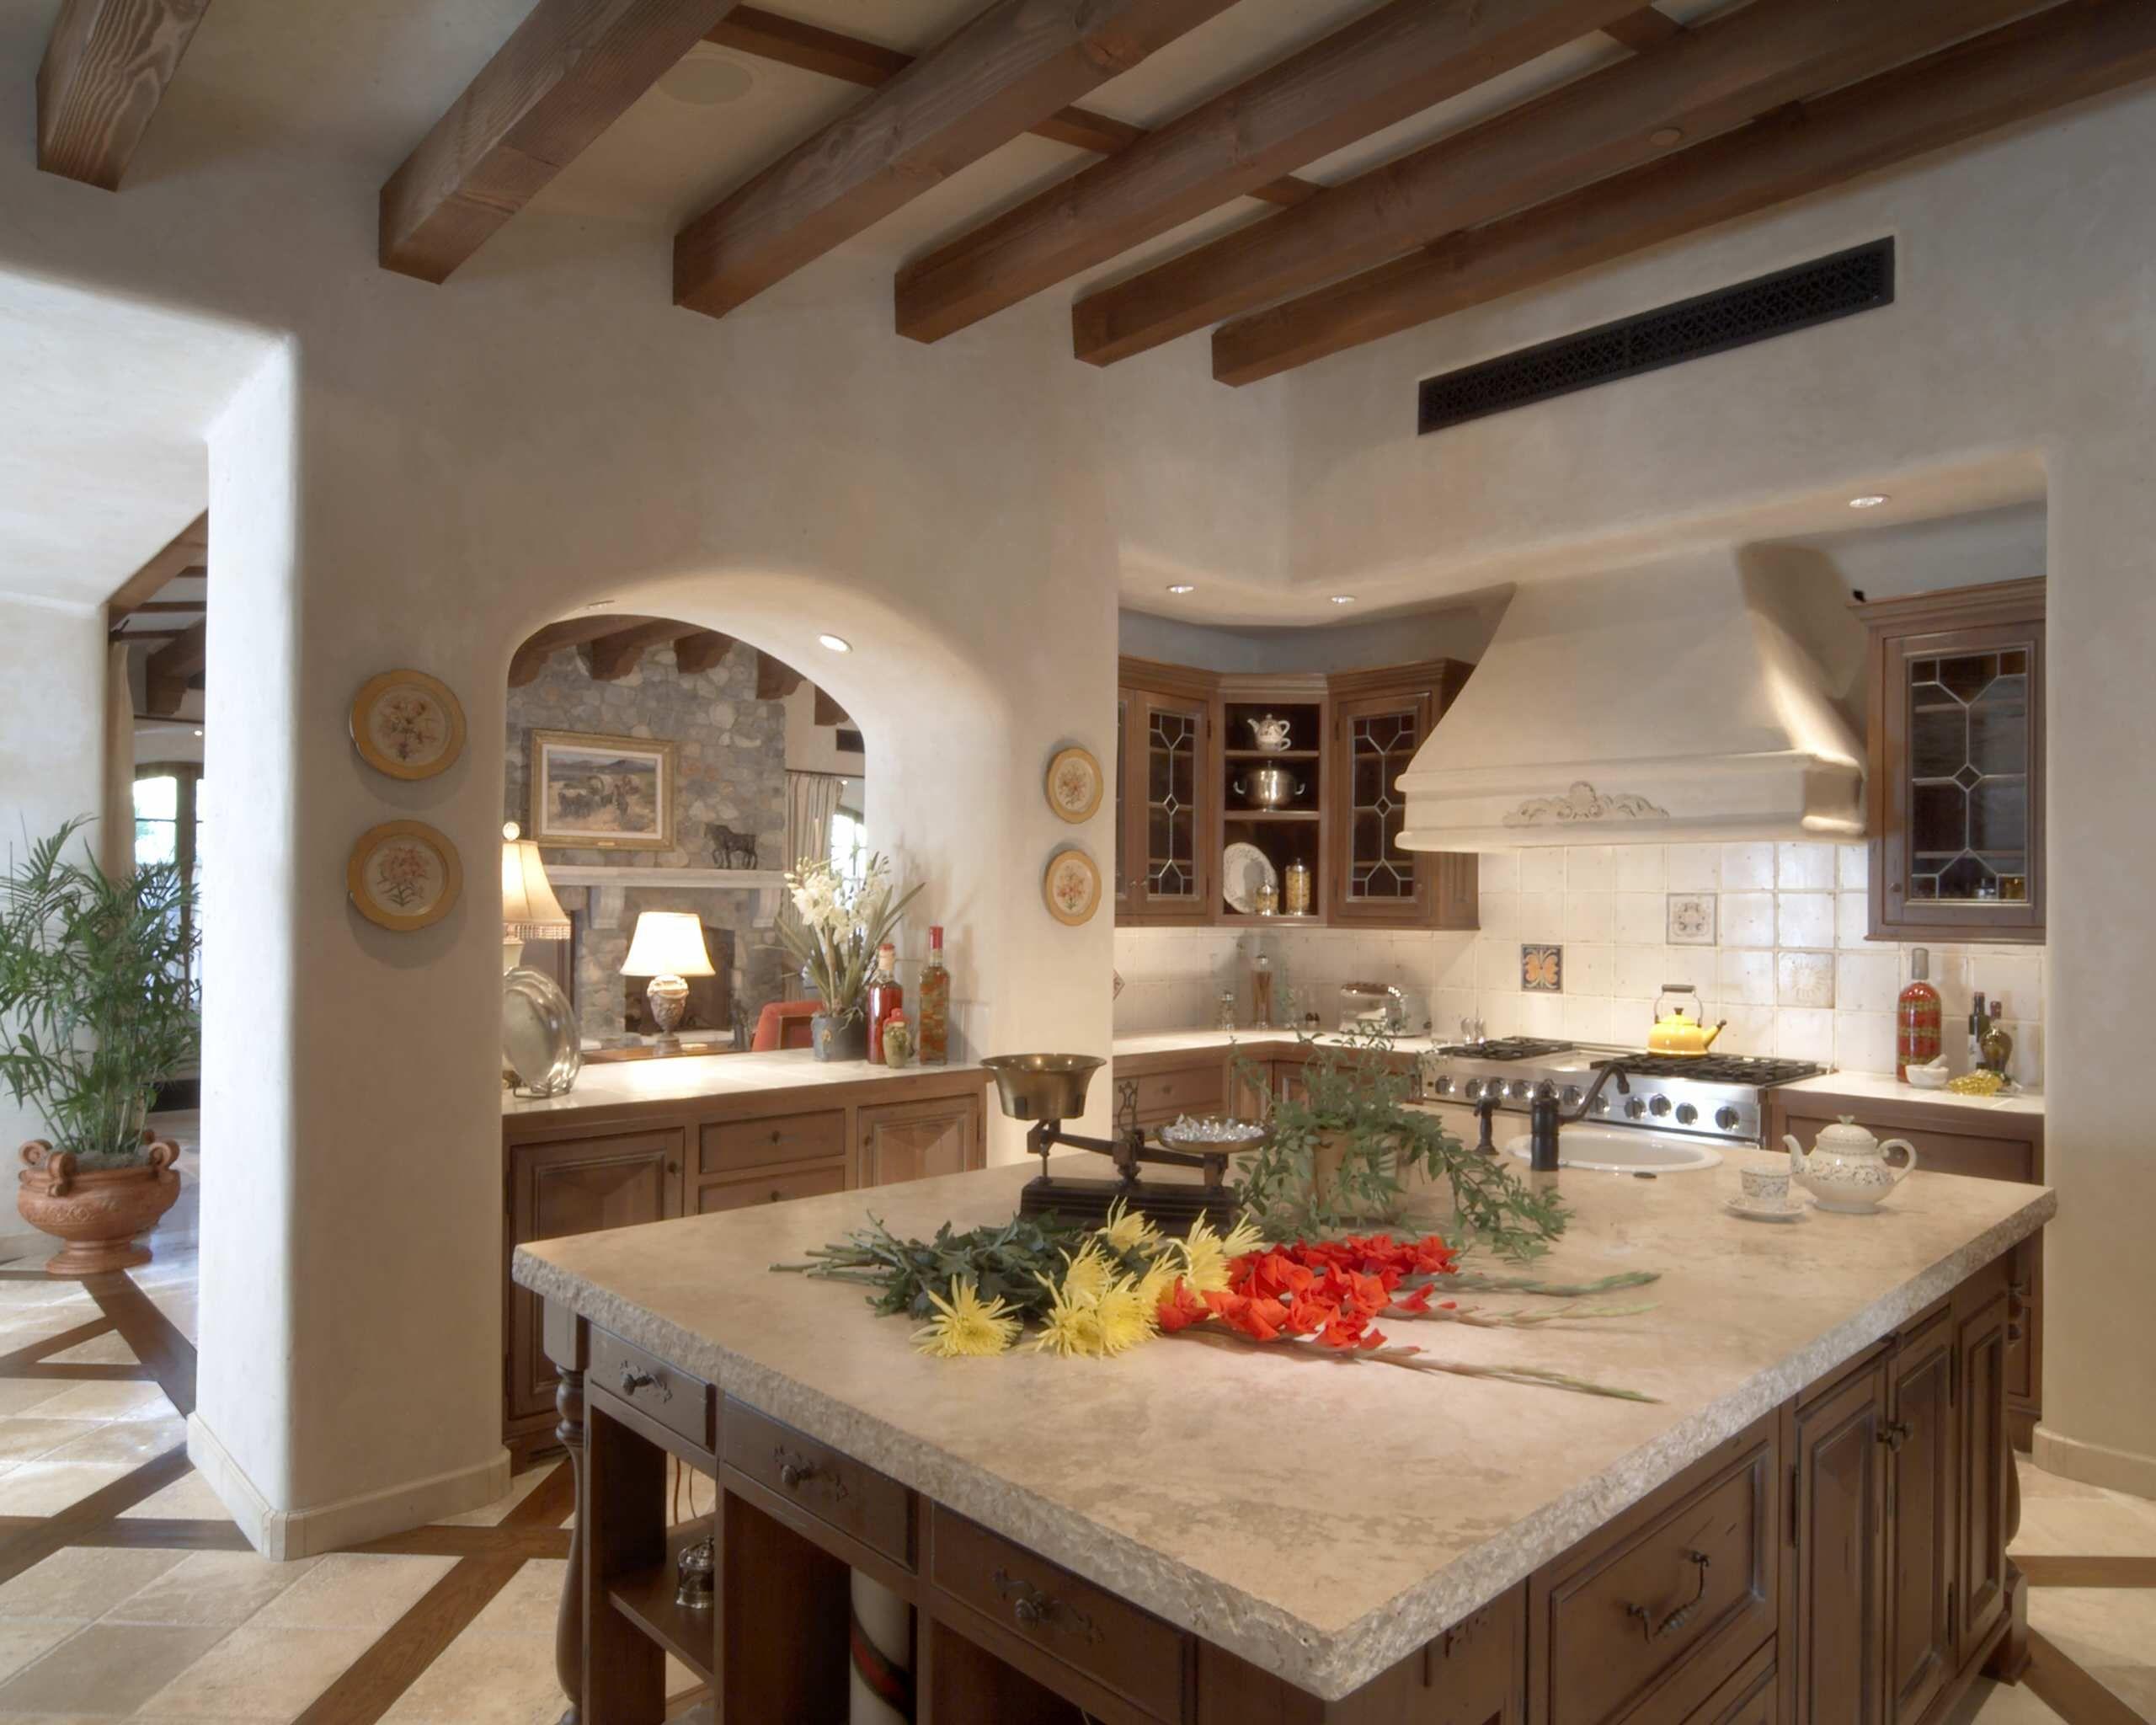 27 Southwest Kitchen Designs And Ideas In 2020 Mediterranean